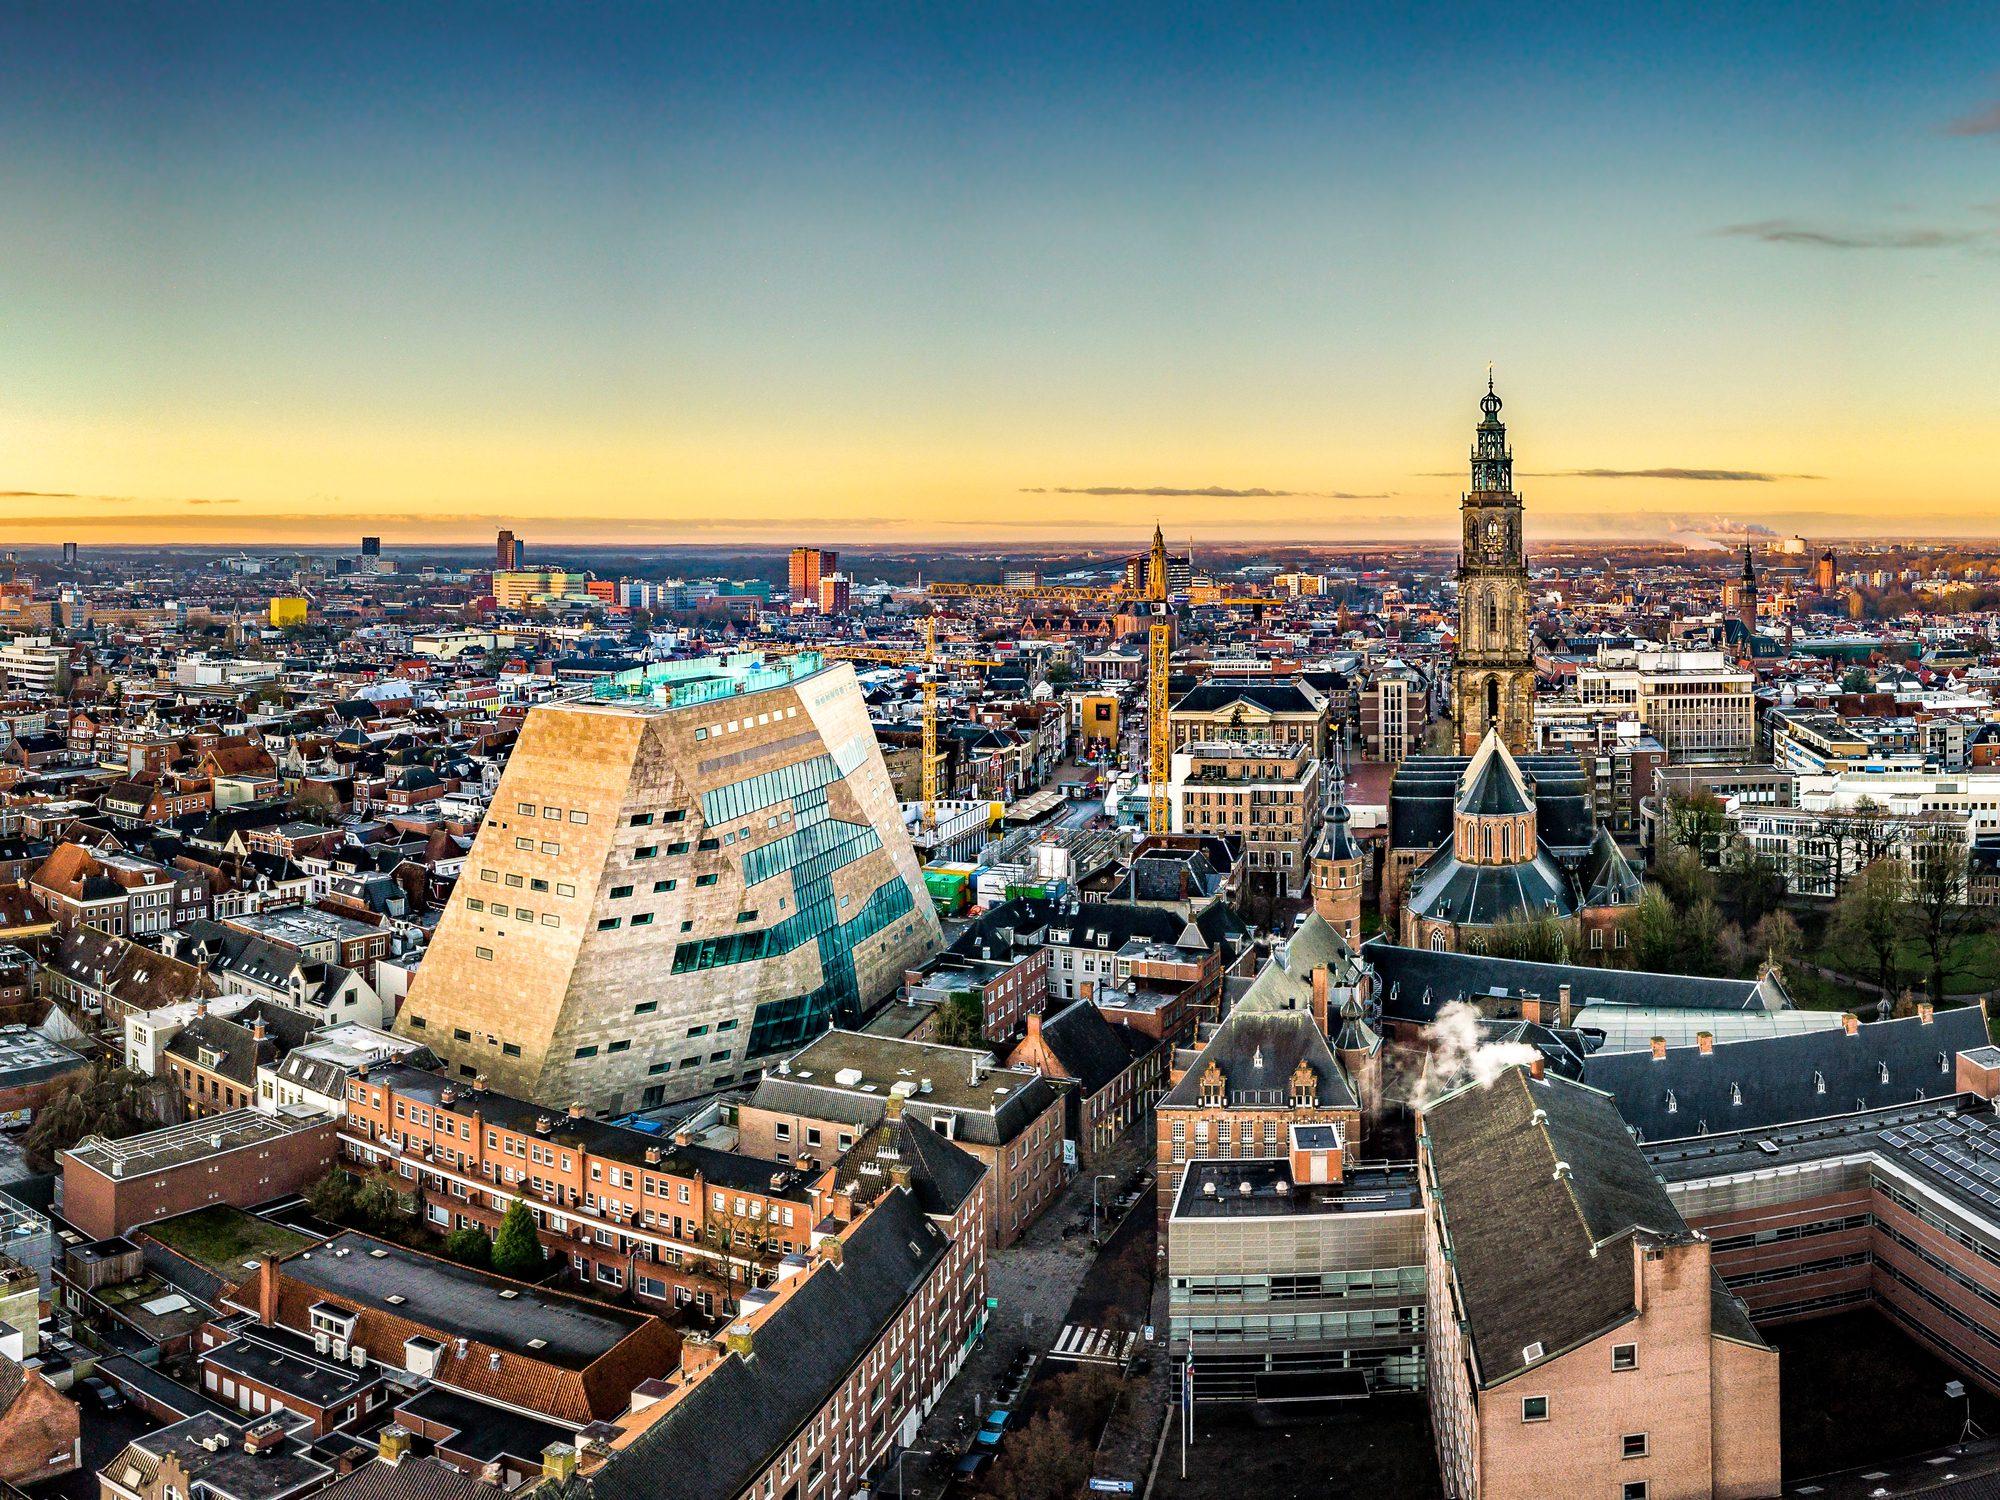 Χρόνινγκεν: Η διάσημη φοιτητούπολη της Ολλανδίας